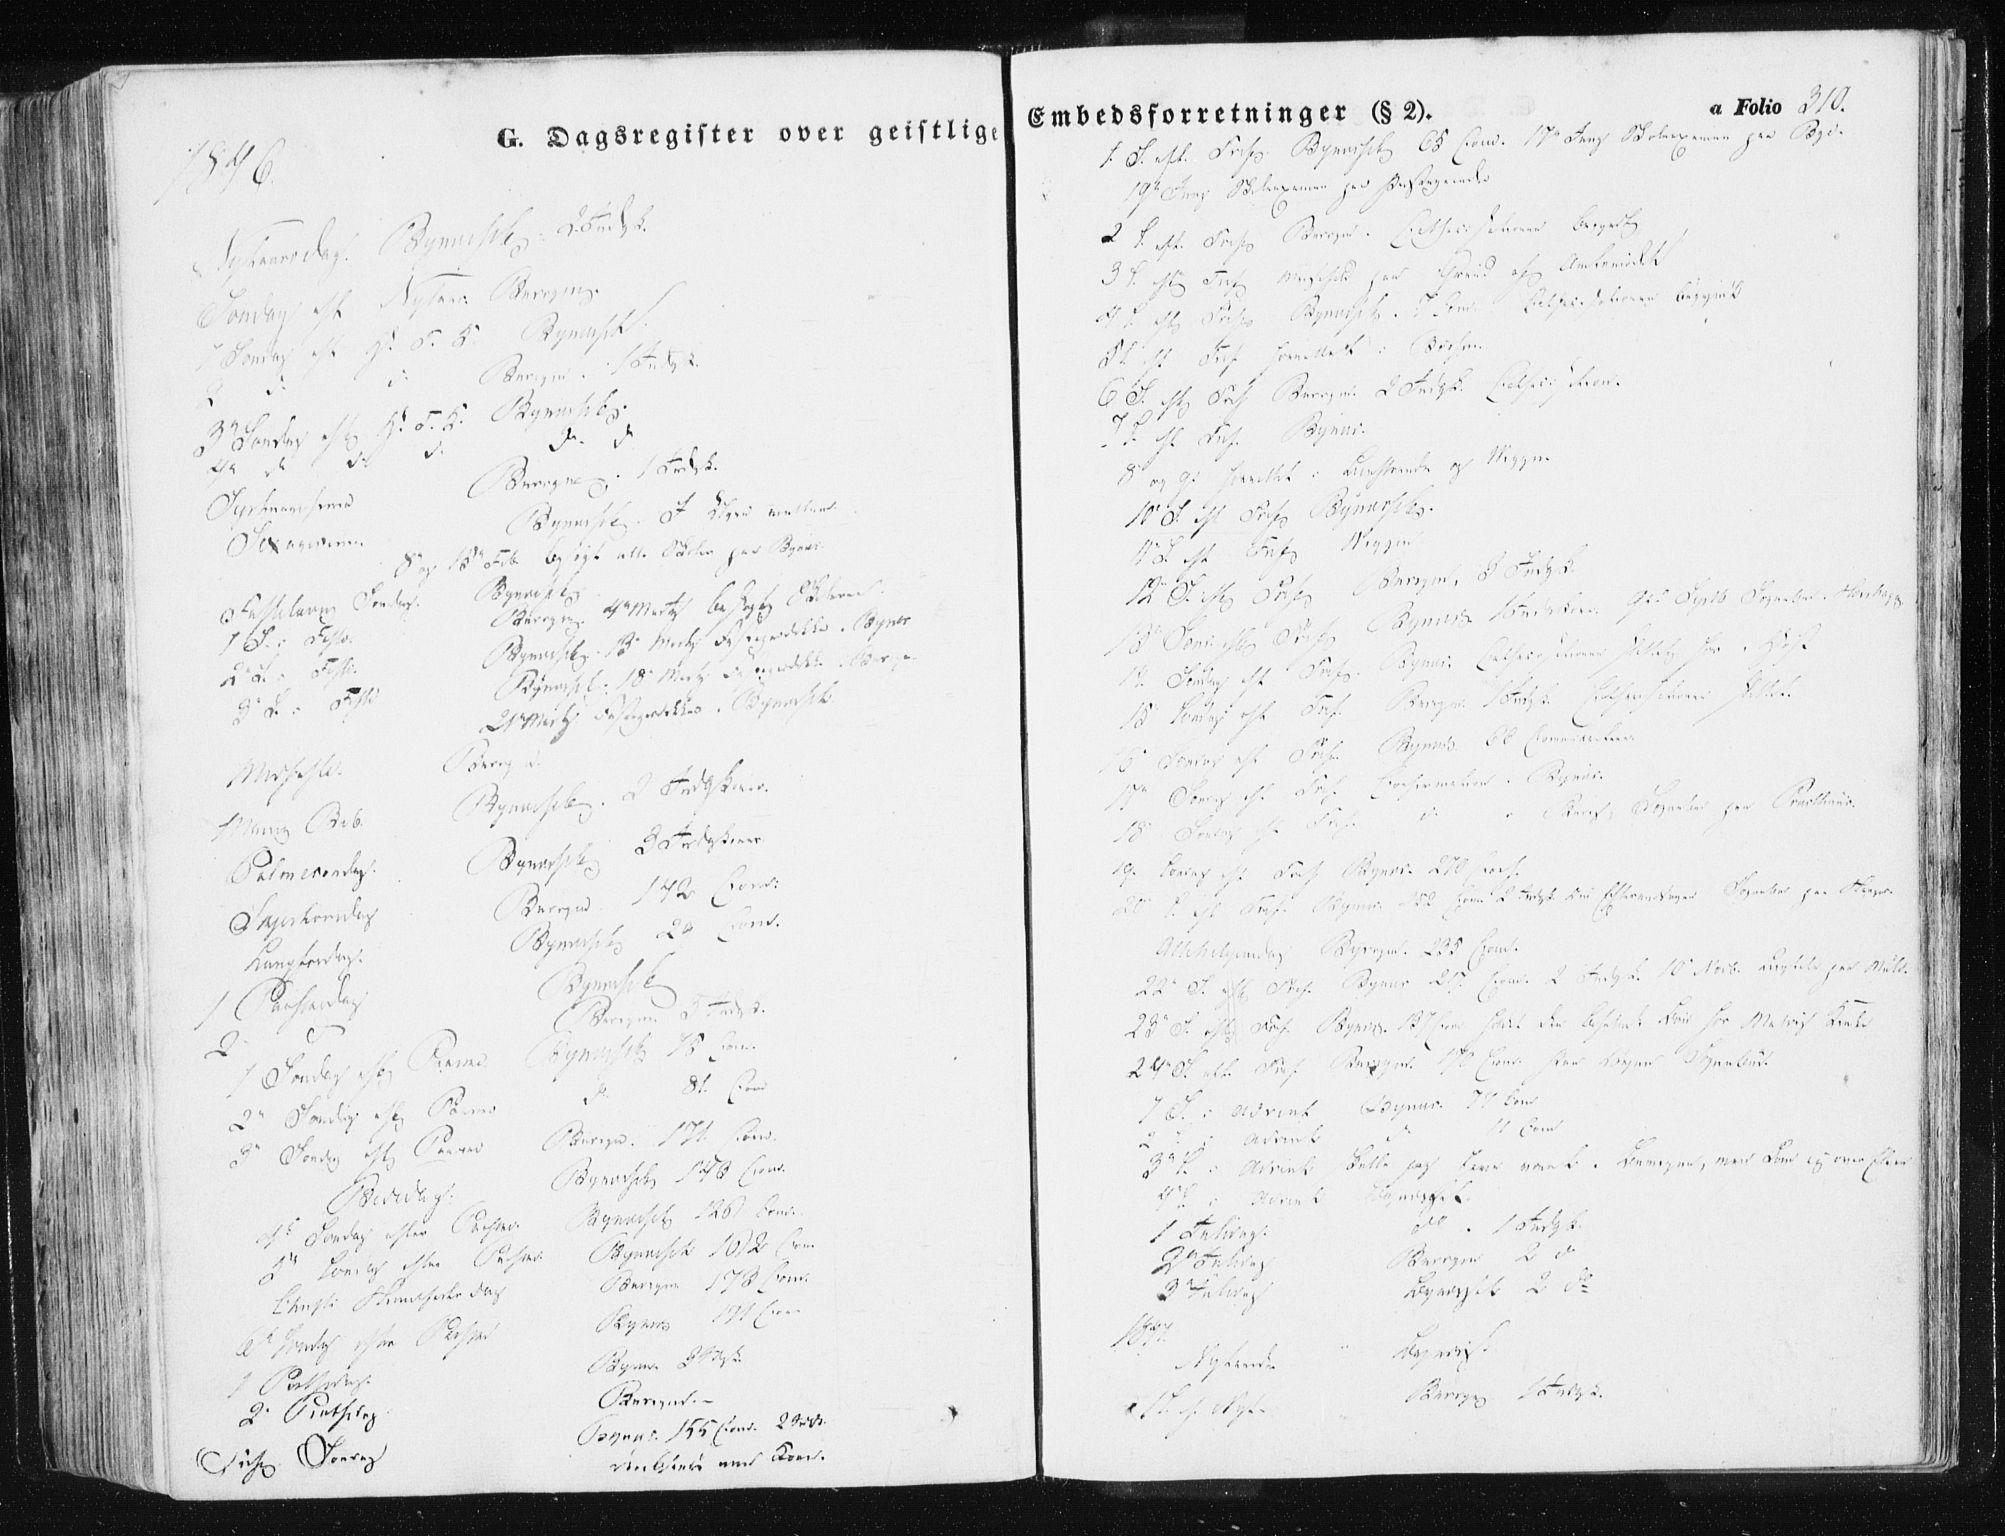 SAT, Ministerialprotokoller, klokkerbøker og fødselsregistre - Sør-Trøndelag, 612/L0376: Ministerialbok nr. 612A08, 1846-1859, s. 310